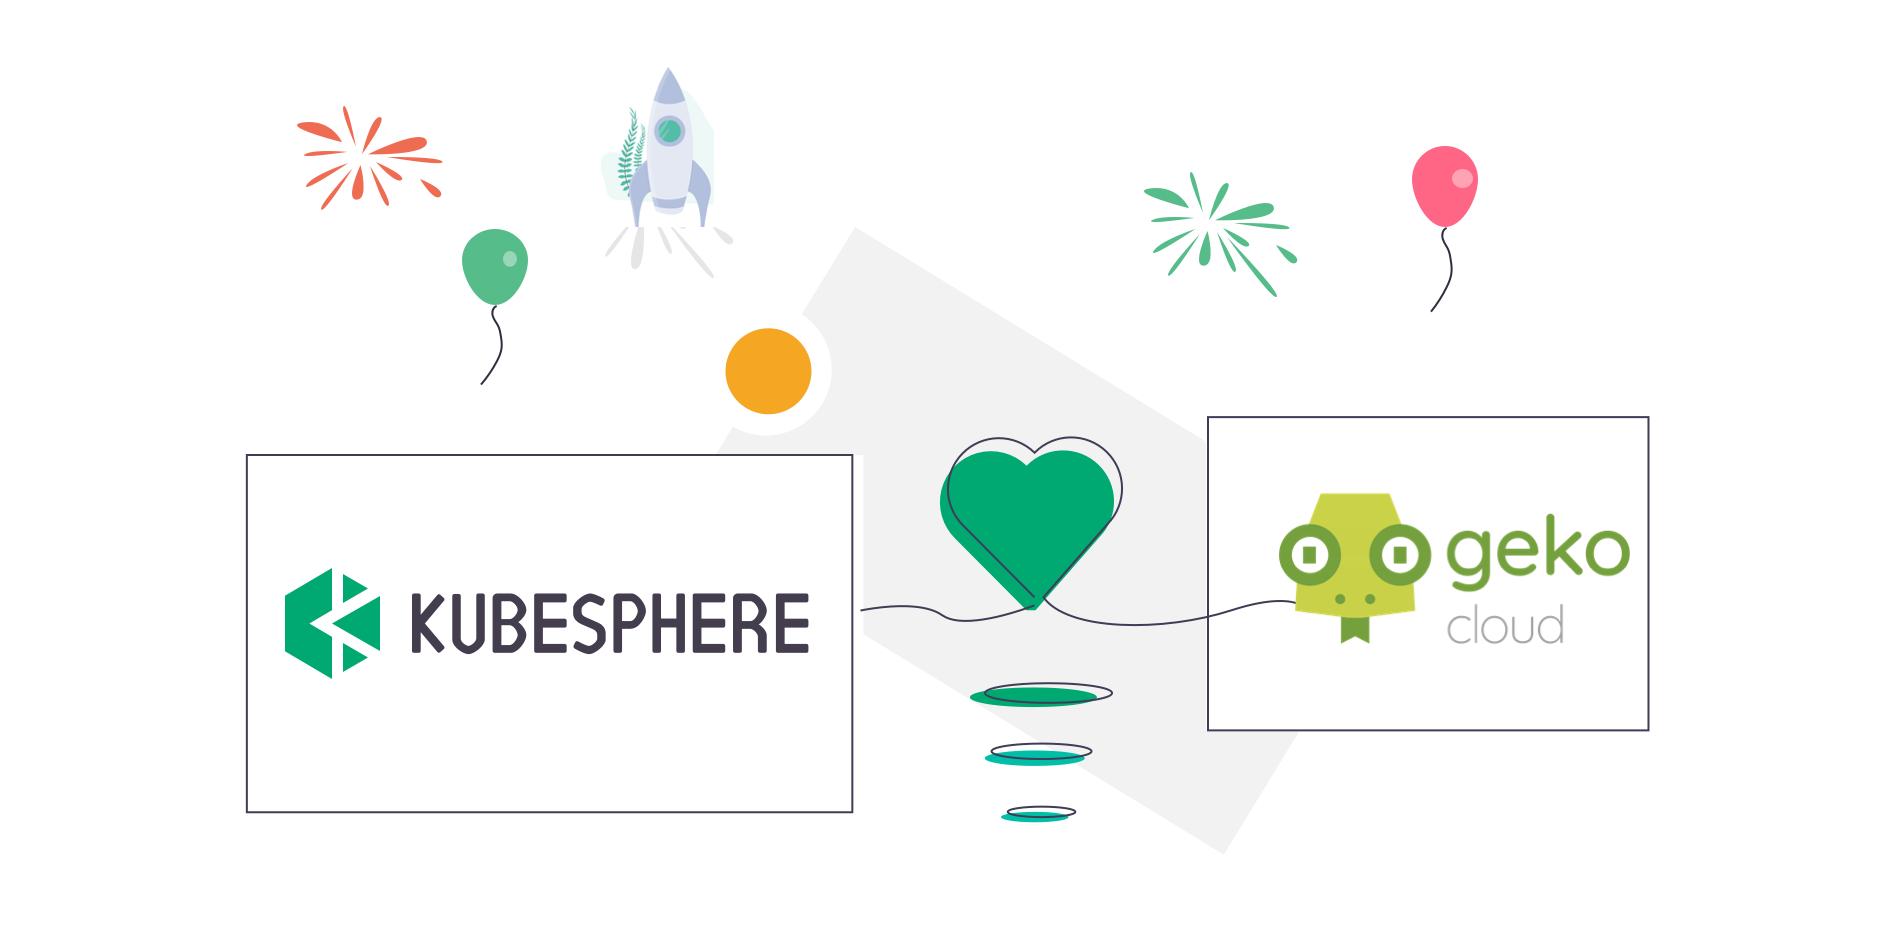 Geko and KubeSphere Build Partnership